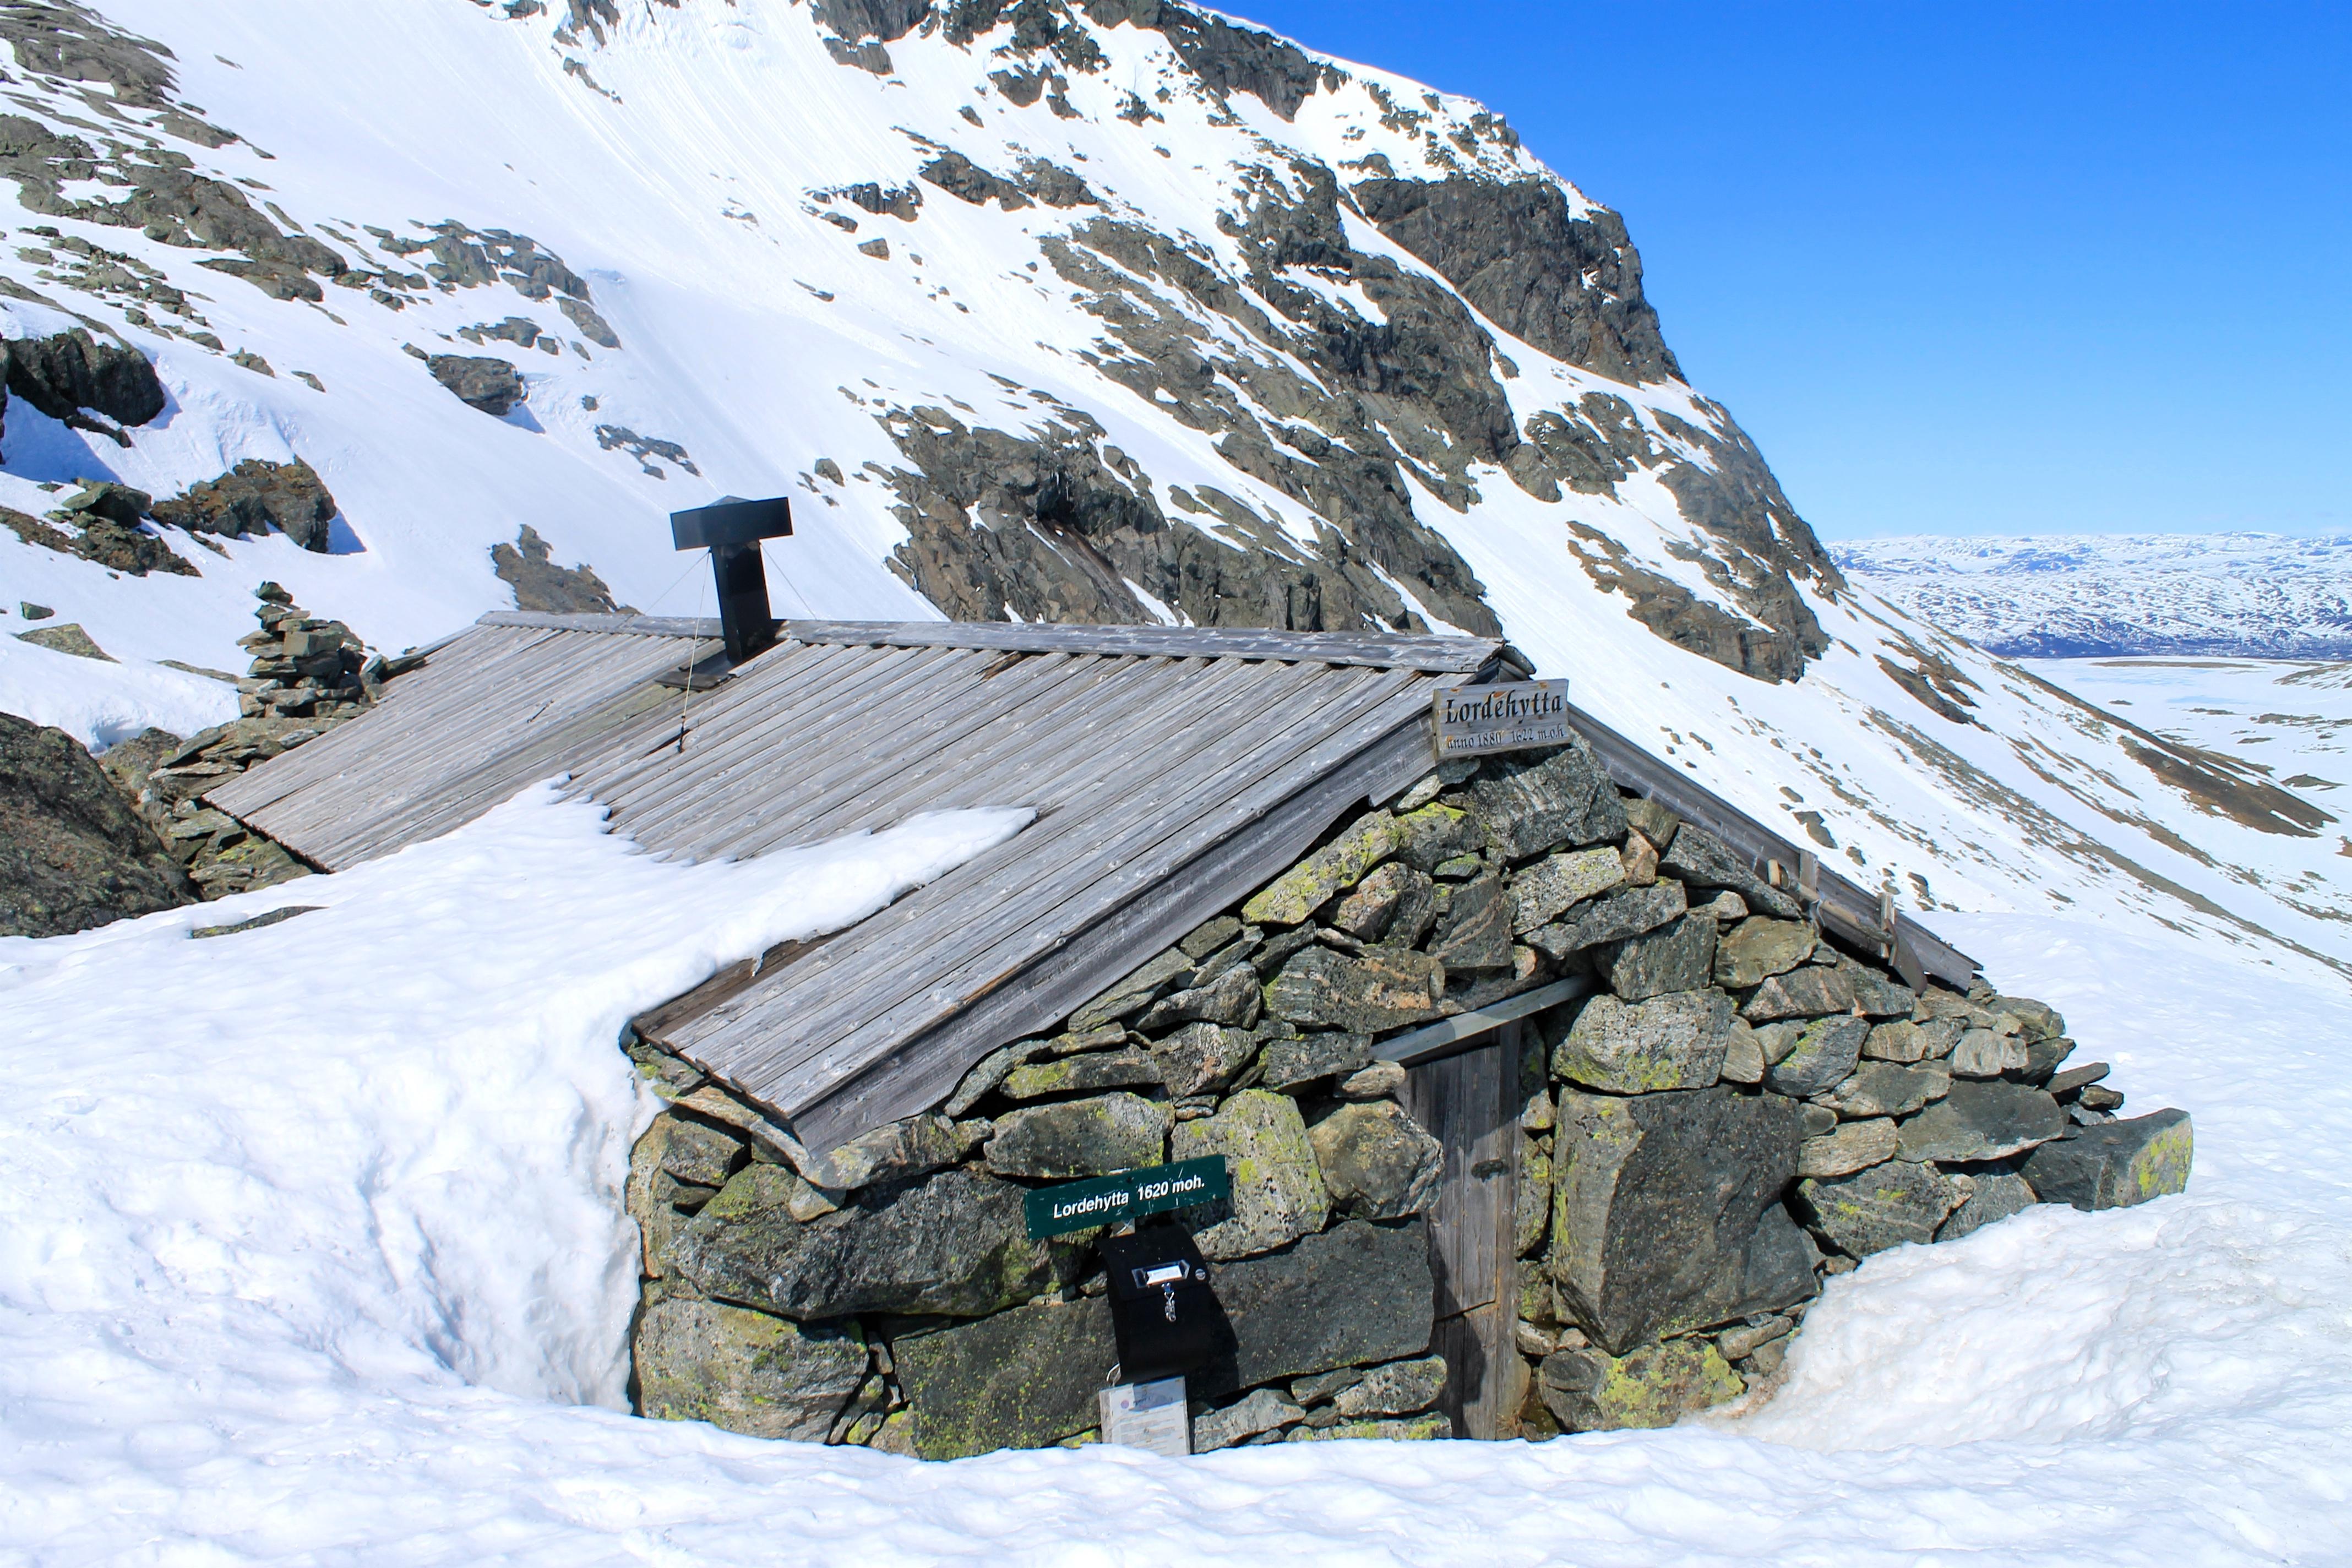 Lordehytta fra 1880 i Folarskardet 1.620 moh.